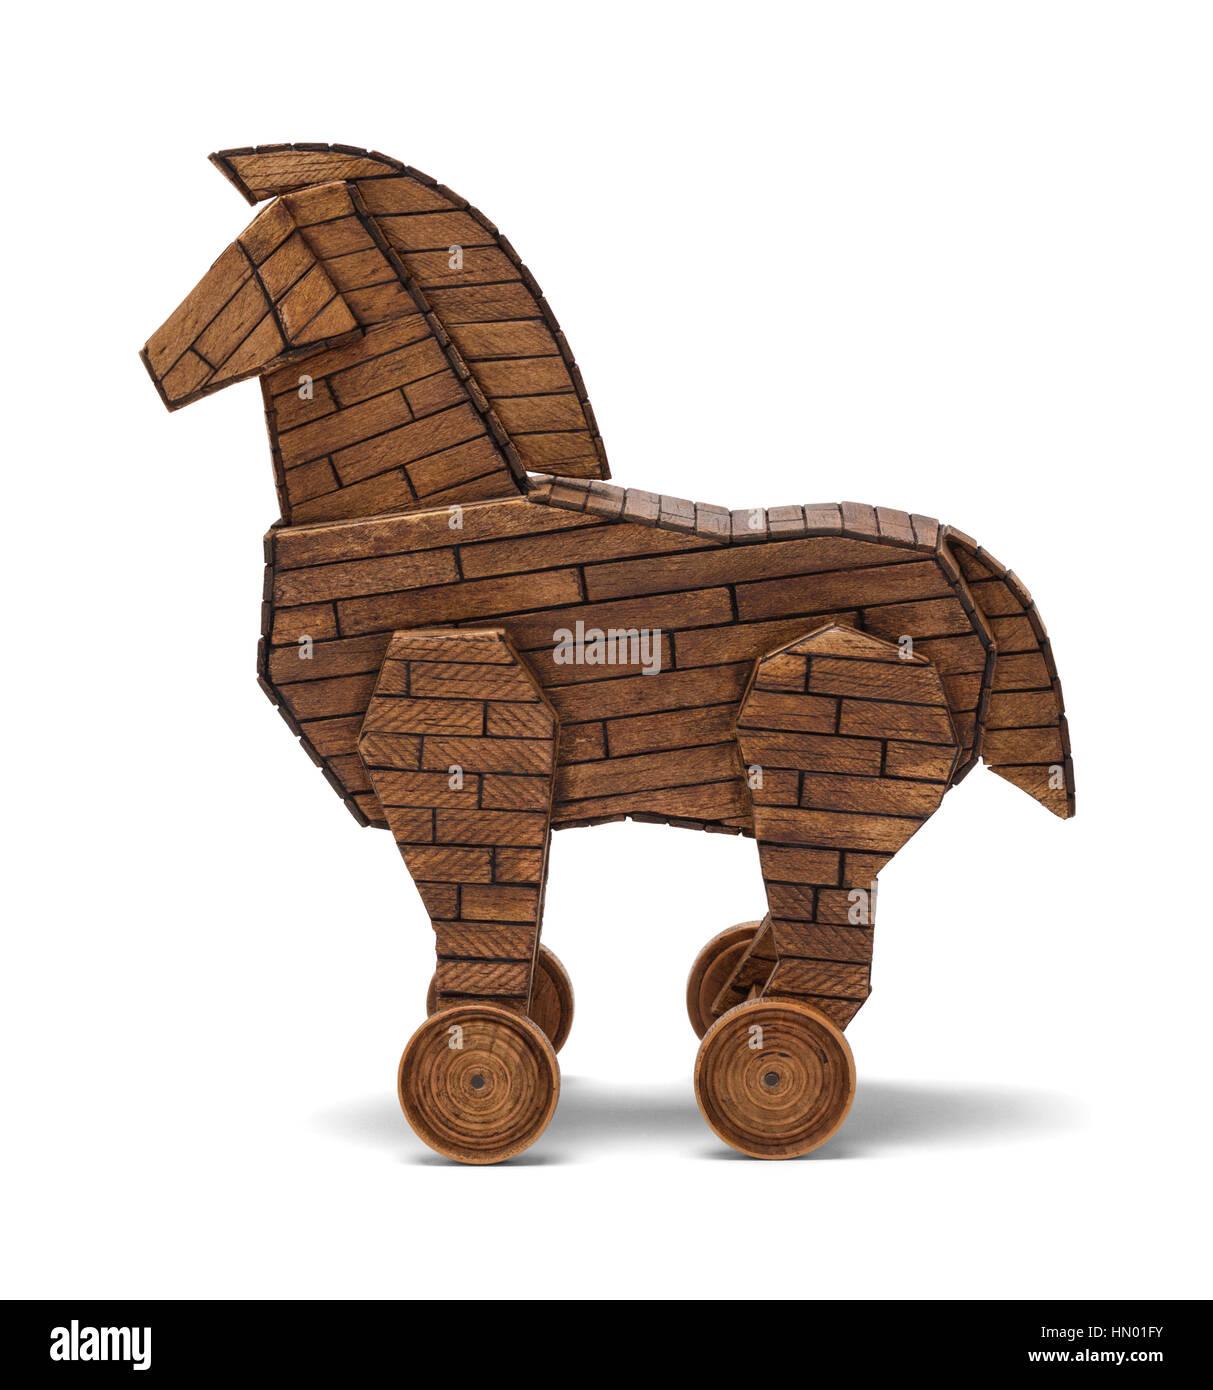 Wooden Tojan Horse Isolated on White Background. - Stock Image